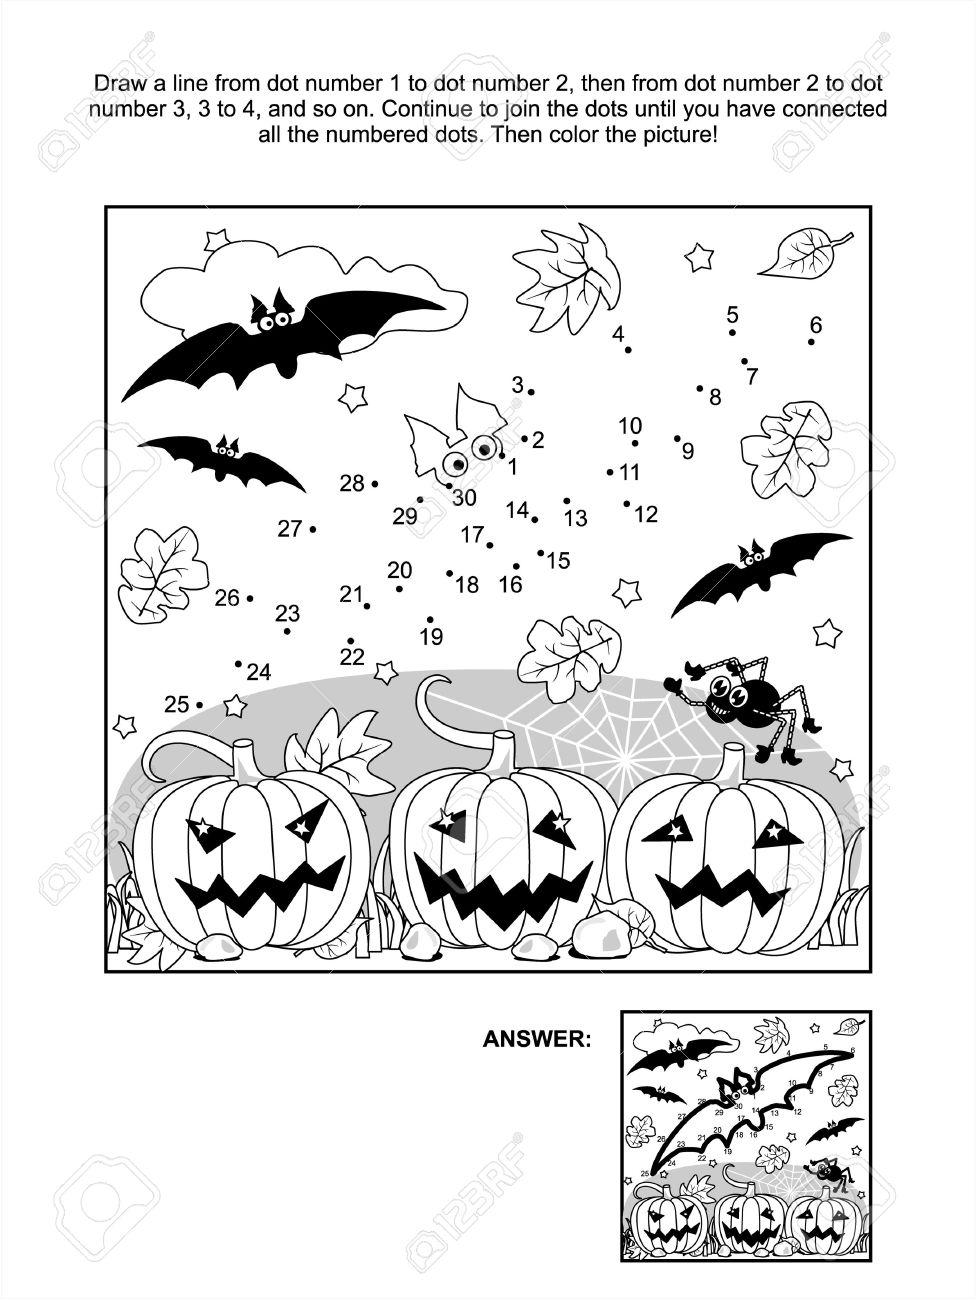 Kleurplaat Vleermuis Halloween.Verbind De Stippen Foto Puzzel En Kleurplaat Scene Van Halloween Met Vleermuizen Pompoenen Spinnen En Spinrag Inbegrepen Antwoord